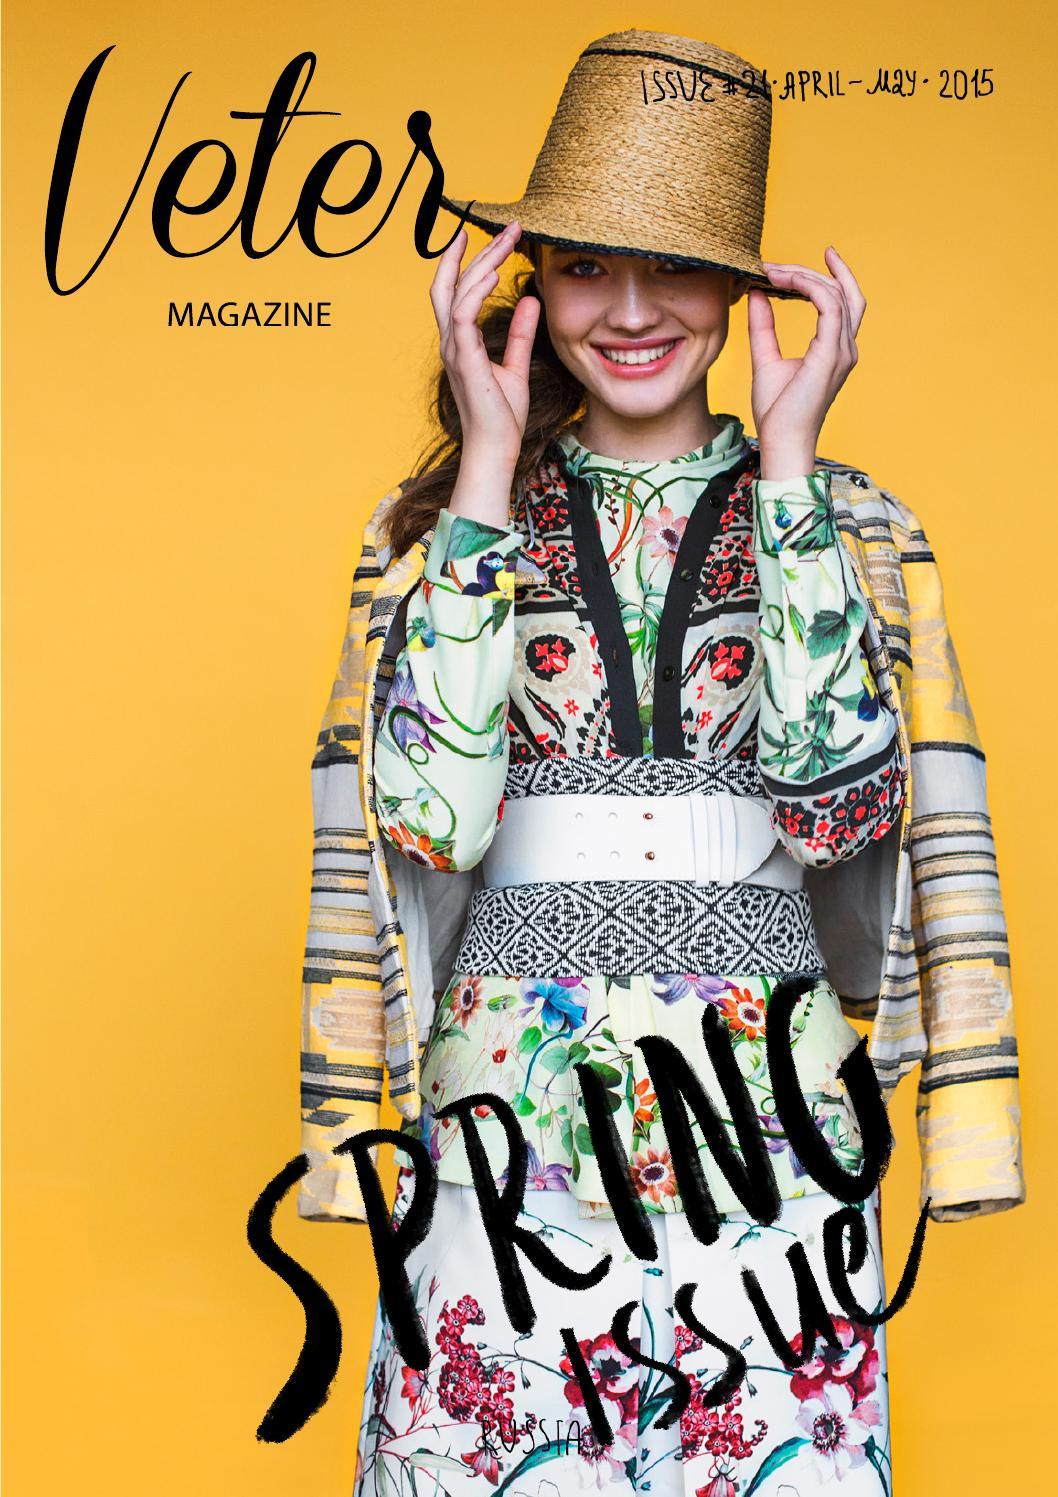 Veter Magazine April - May 2015 by Veter Magazine - issuu